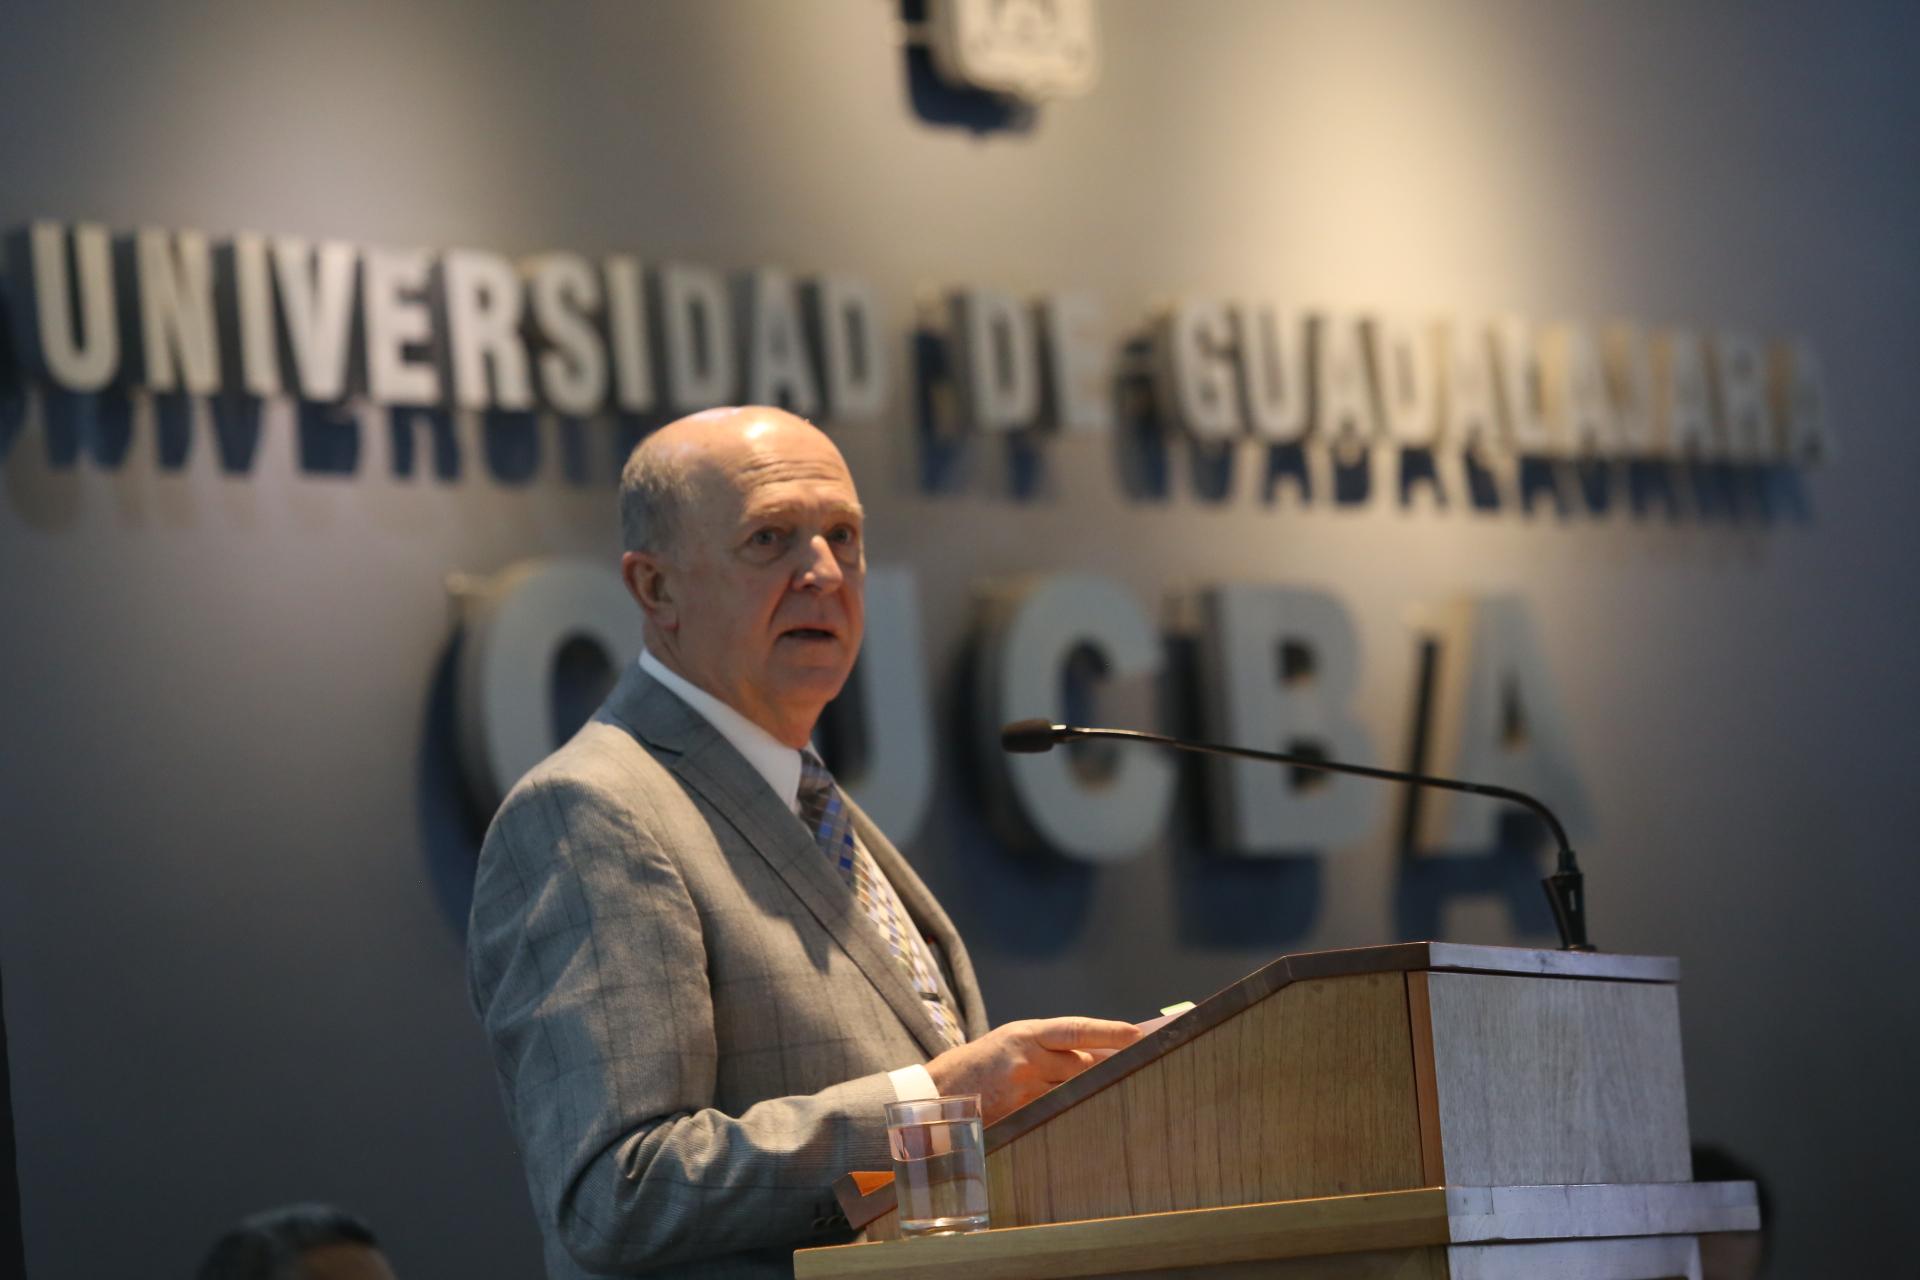 Rector General de la UdeG, doctor Miguel Ángel Navarro Navarro, haciendo uso de la palabra durante el informe de actividades del doctor Carlos Beas Zárate